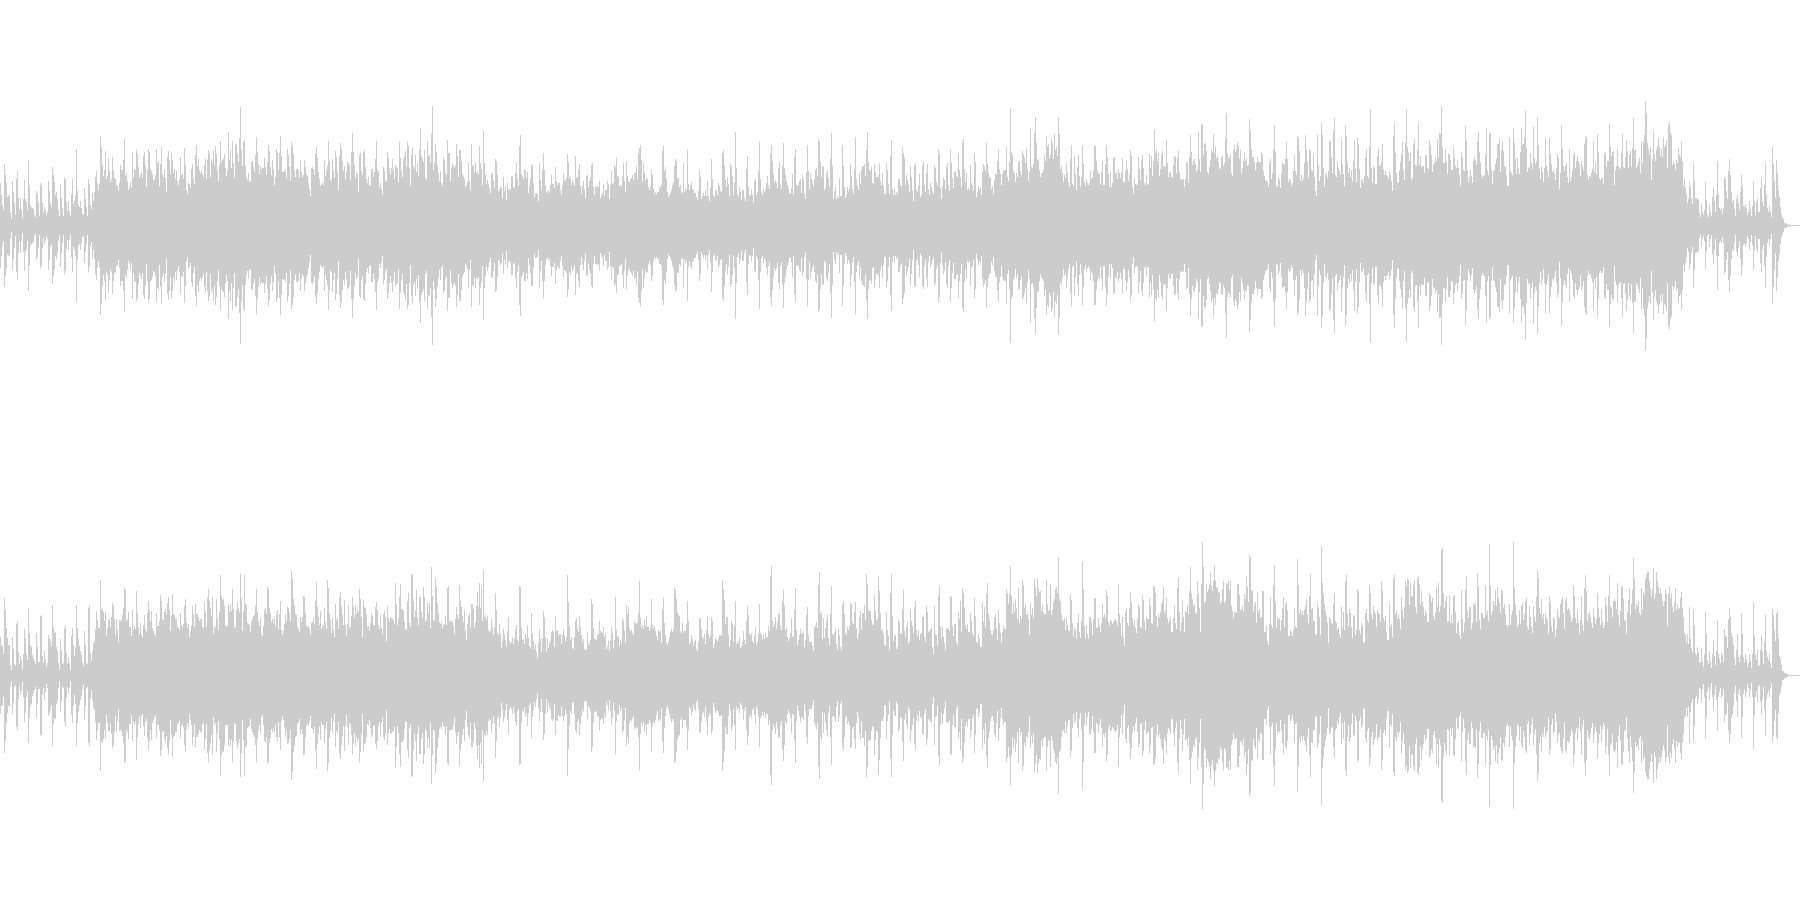 昭和の懐かしい風景に合う管弦楽の未再生の波形